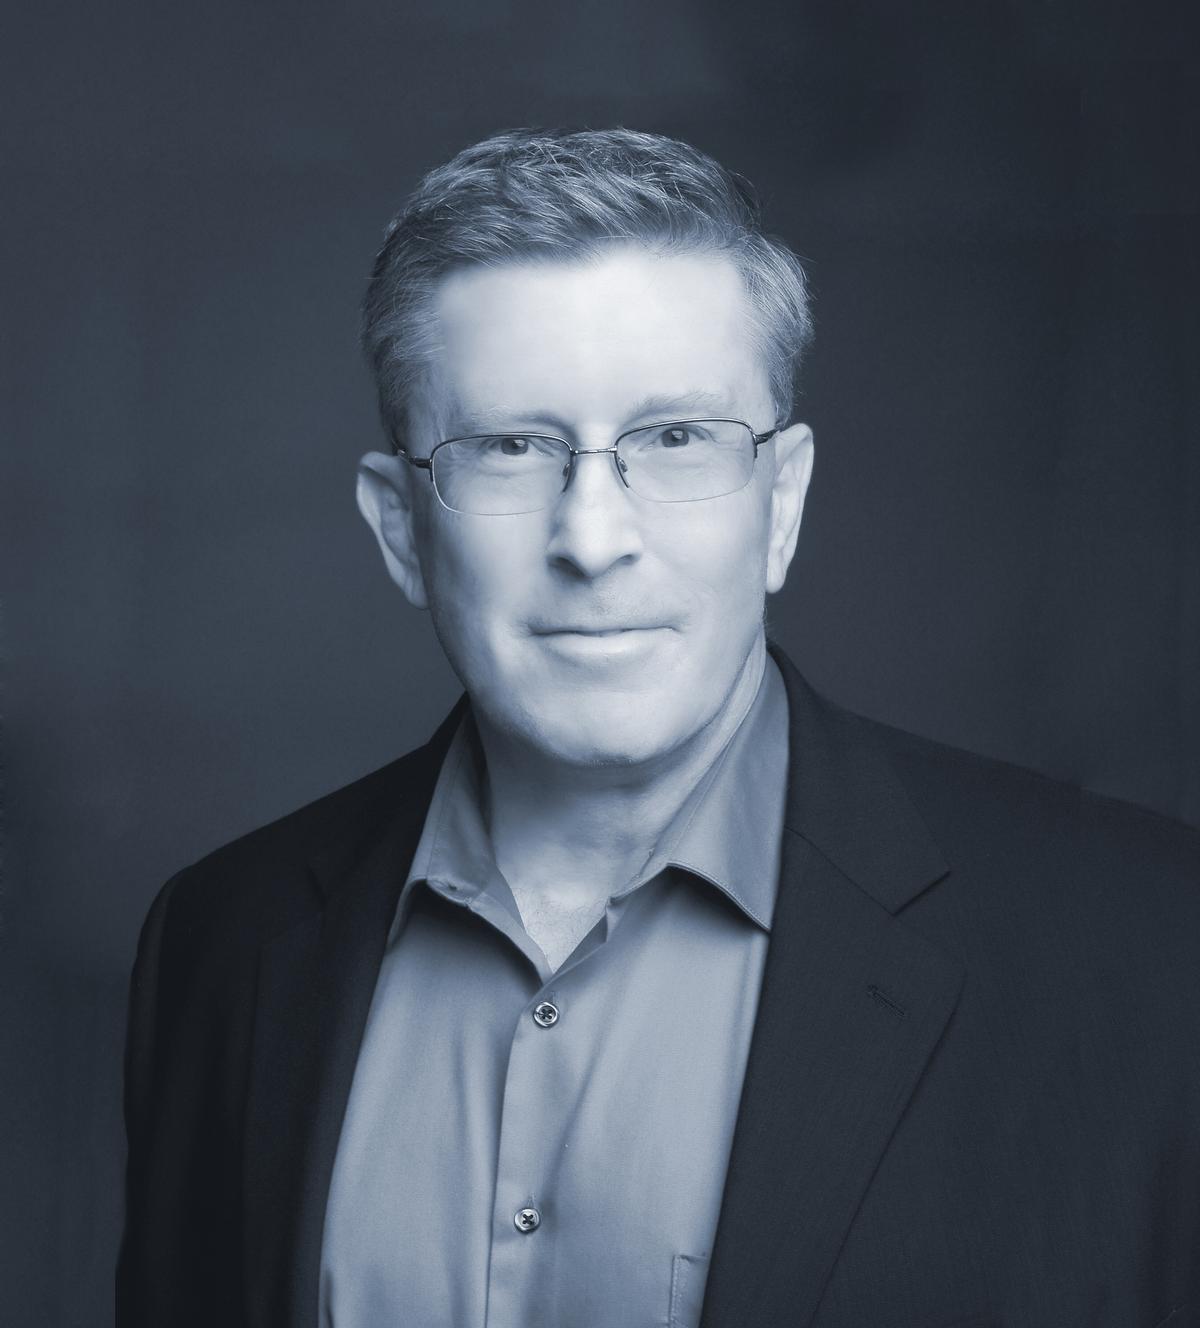 Steve Tharrett, co-founder of ClubIntel / ClubIntel